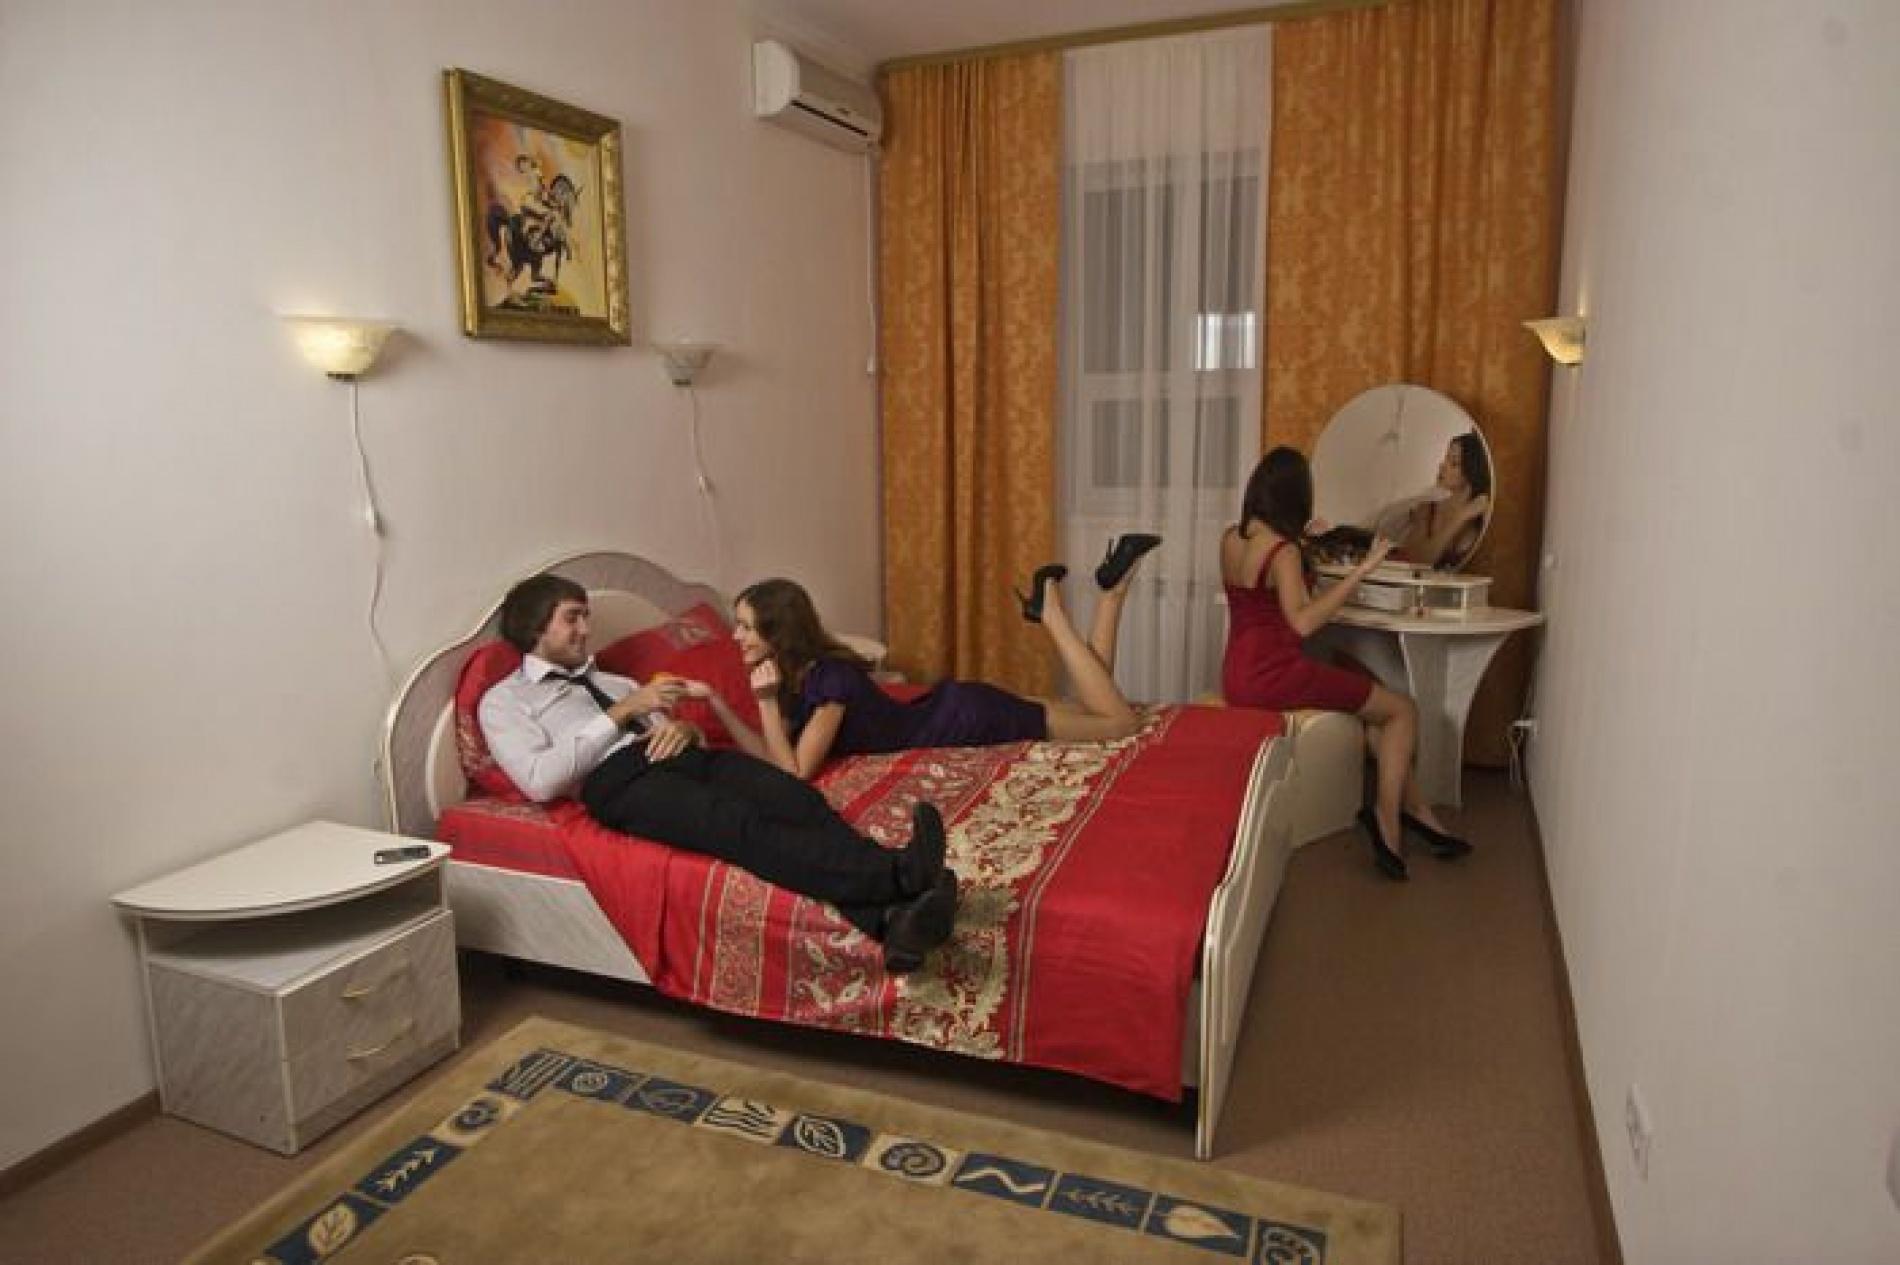 """База отдыха """"Верхний Бор"""" Тюменская область СПА-отель """"Источник"""" номер 2-местный стандарт , фото 1"""